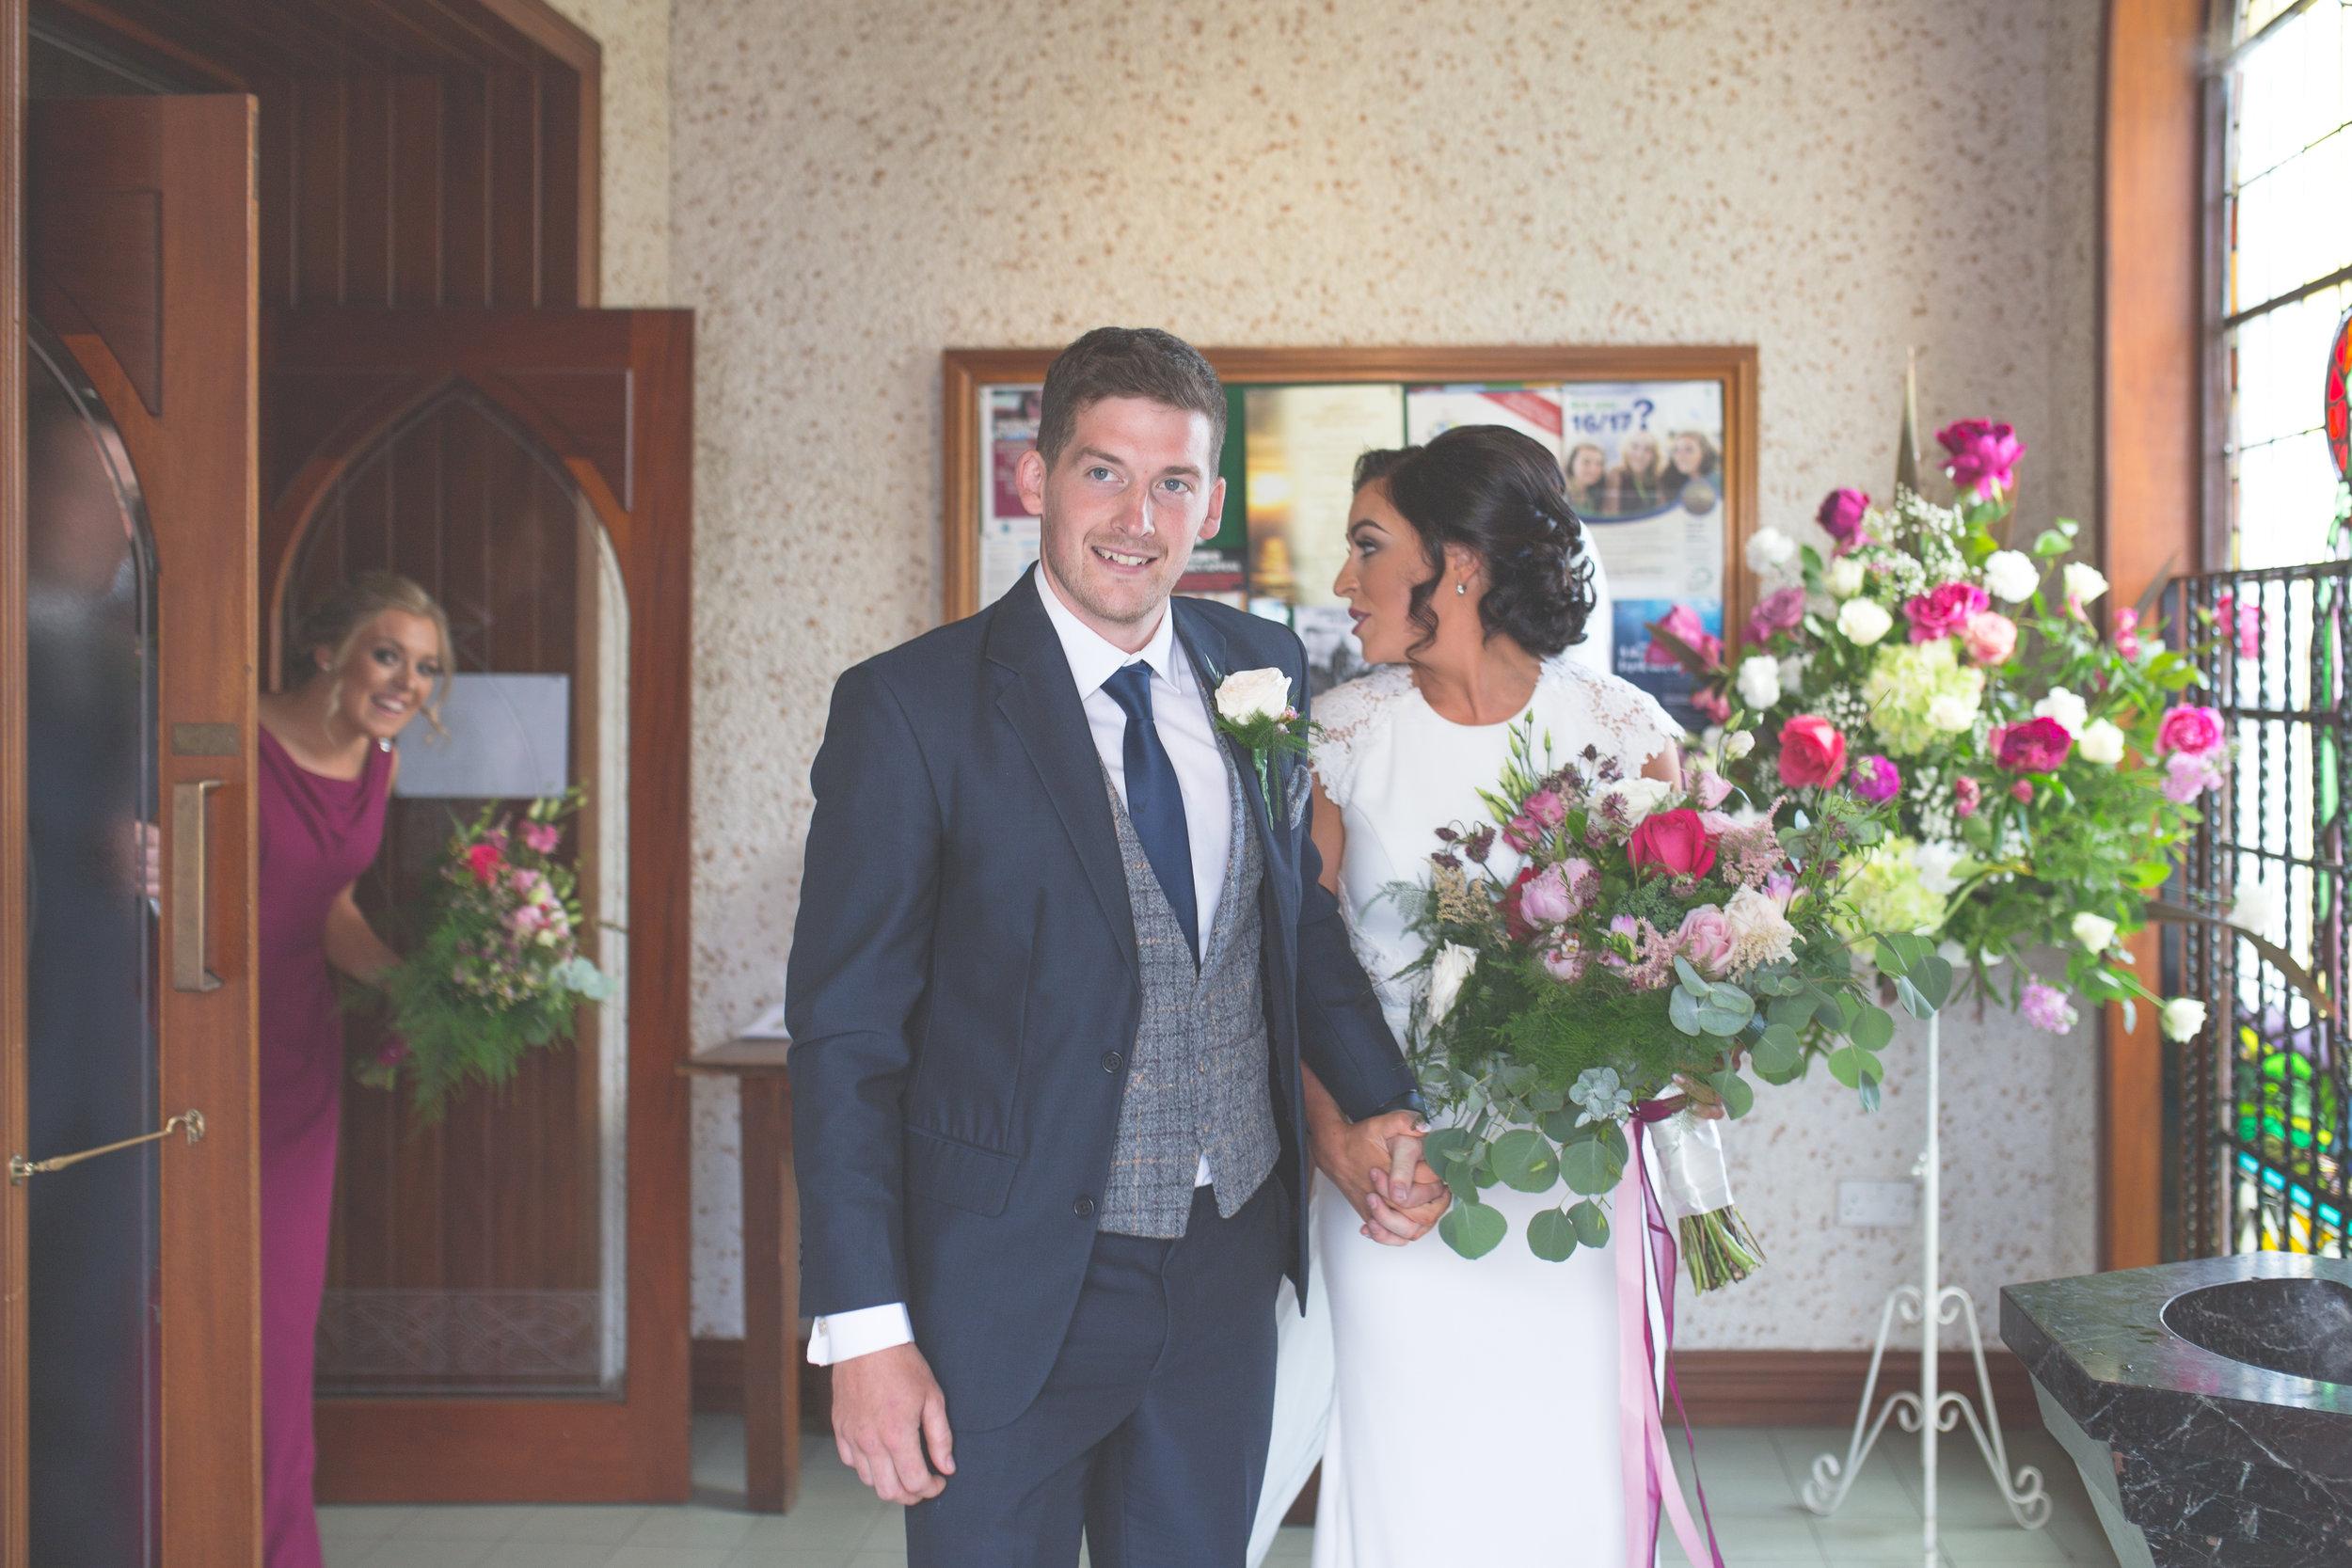 Brian McEwan Wedding Photography   Carol-Anne & Sean   The Ceremony-79.jpg